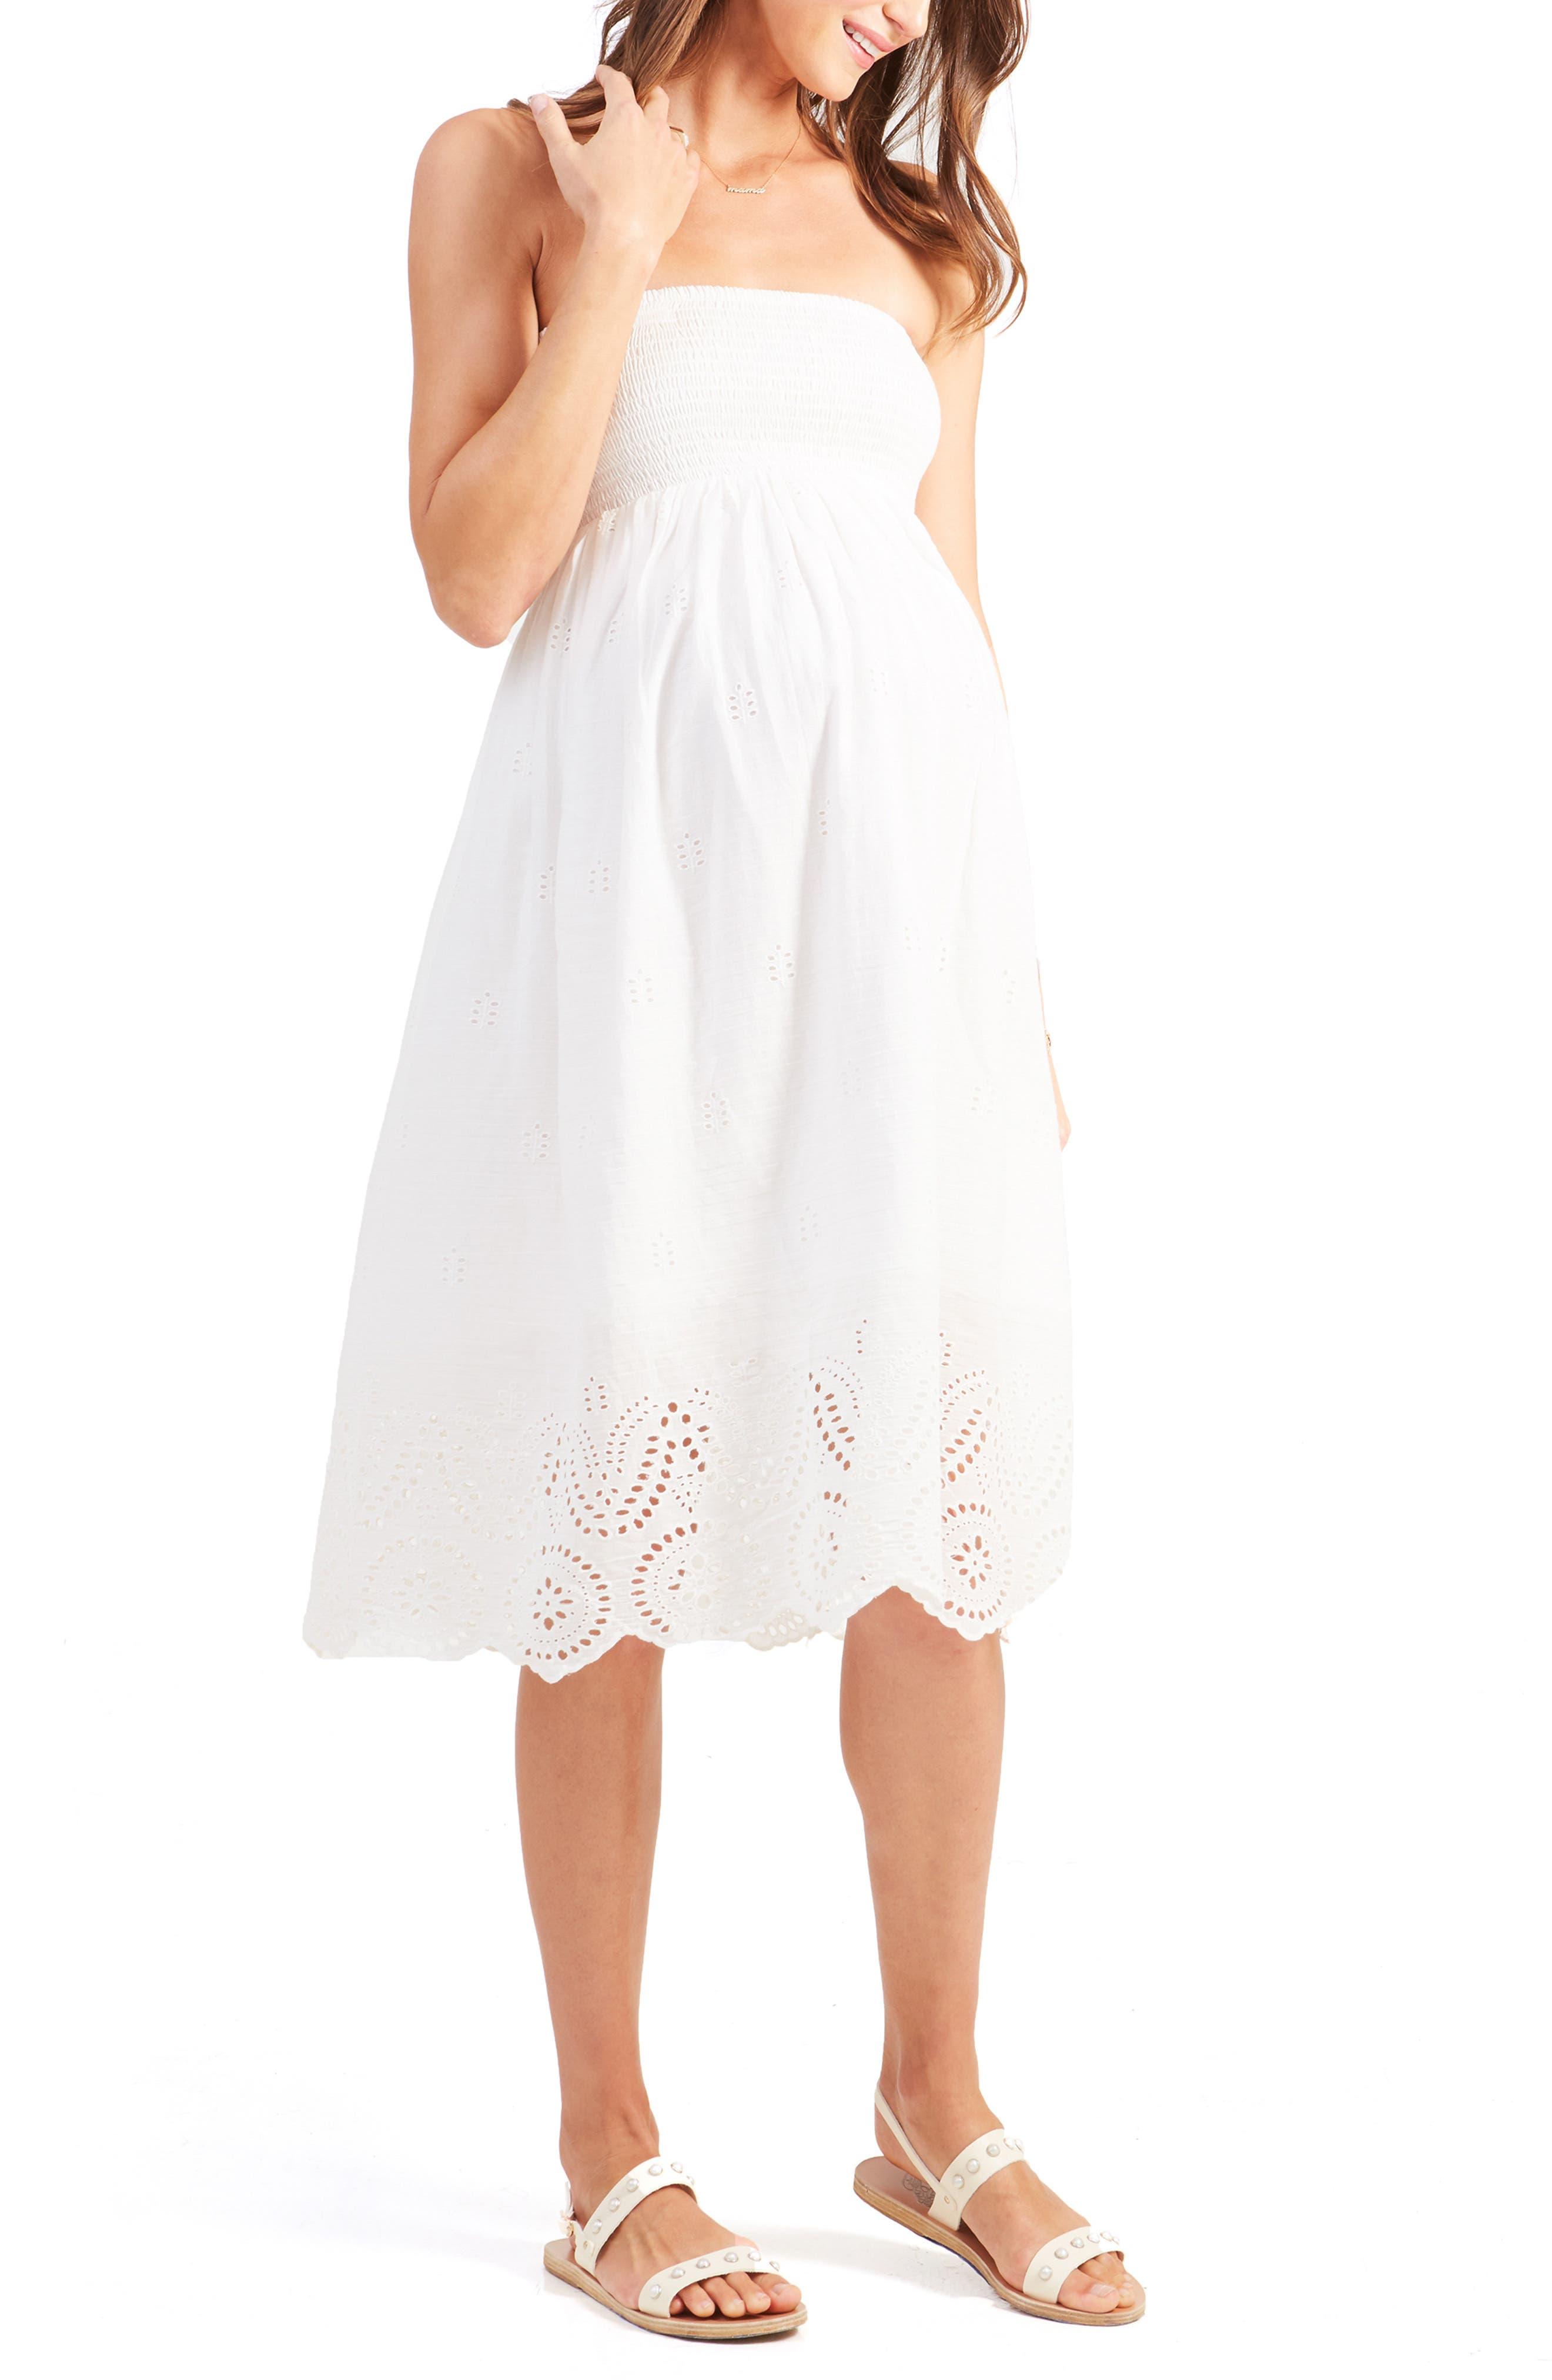 Ingrid & Isabel Smocked Maternity Dress, White